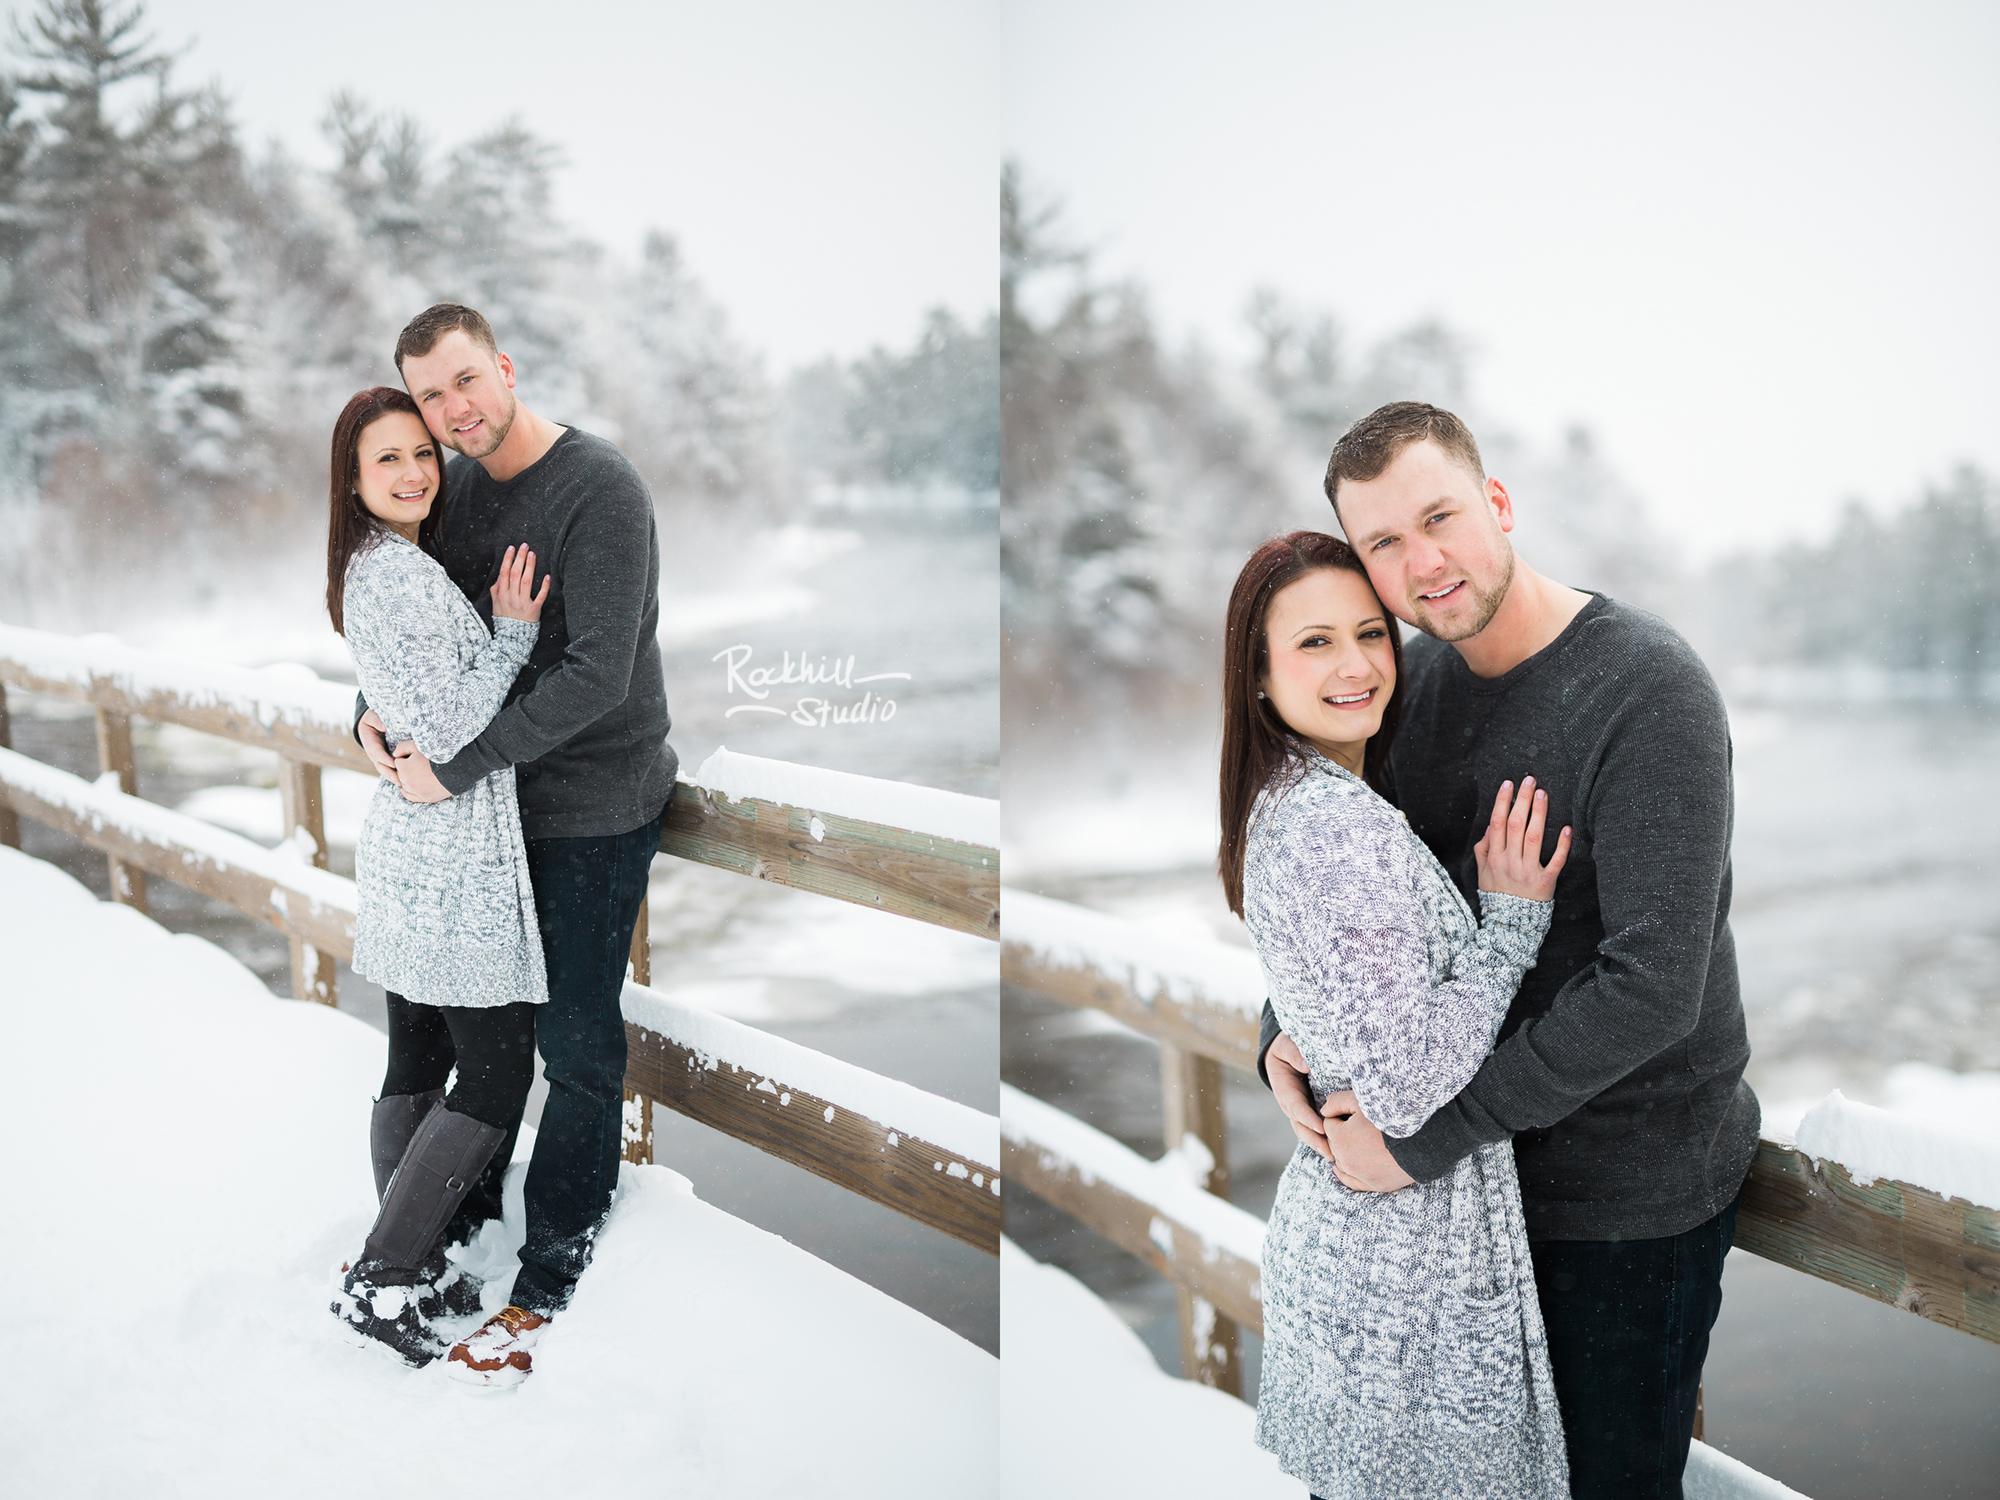 northern-michigan-engagement-photogrpher-wedding-manistique-winter-bridge-8.jpg